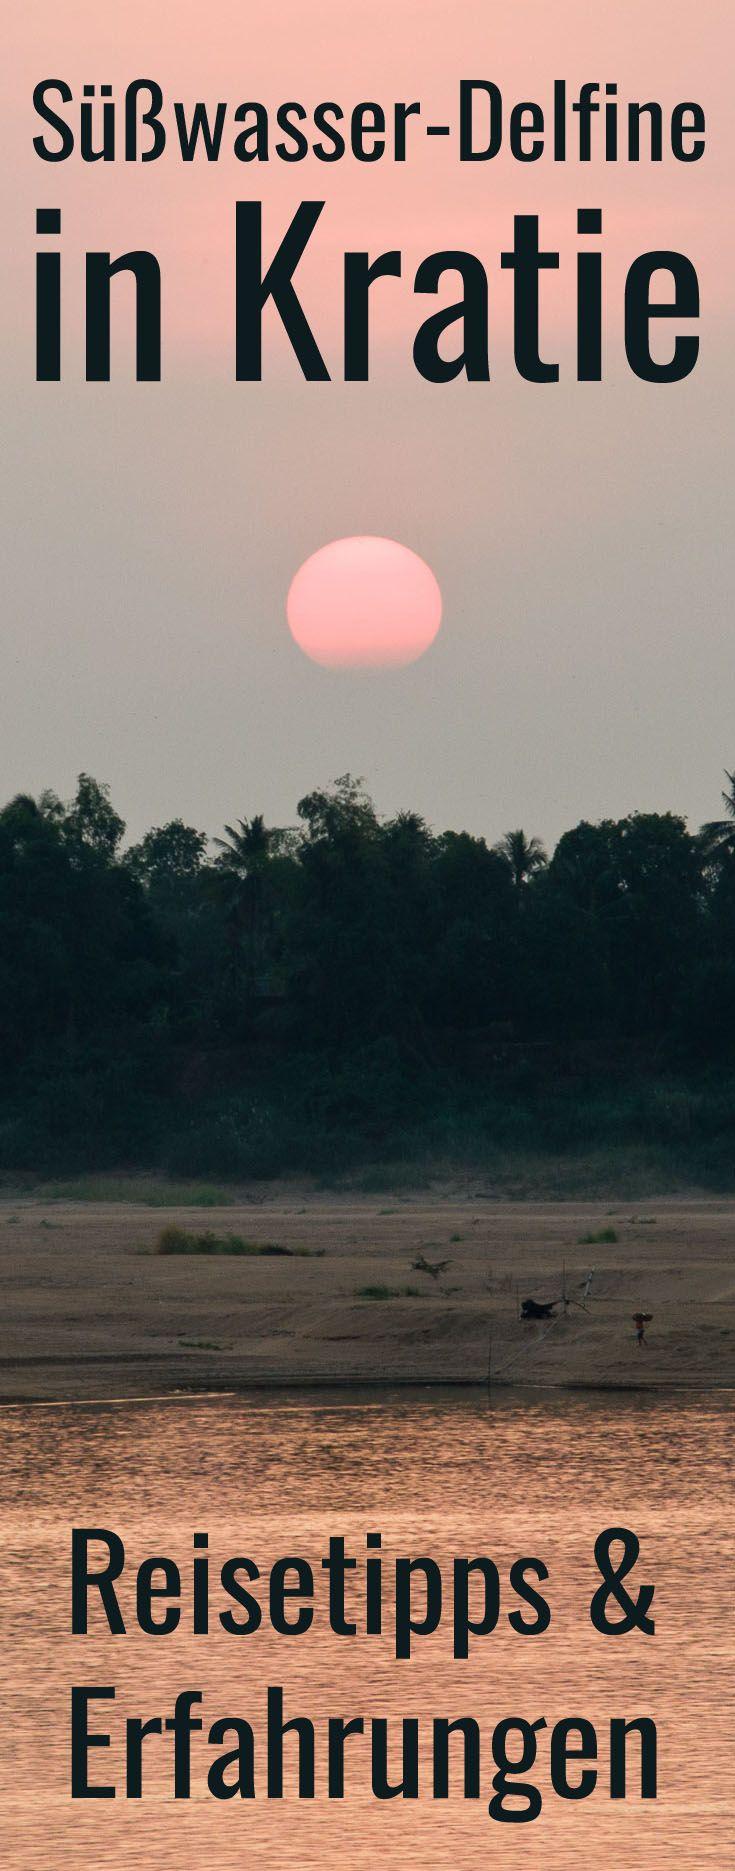 Kratie: Süßwasserdelfine im Mekong sind hier die Sehenswürdigkeiten. Die plumpen Tiere werden auch Irawaddy-Delfine genannt. Du kannst sie auch im Nordosten an der Grenze zu Laos bei Stung Treng antreffen. Tipps für die Flußdelfine und unbekannte Reiseziele in Kambodscha im Blogbeitrag.